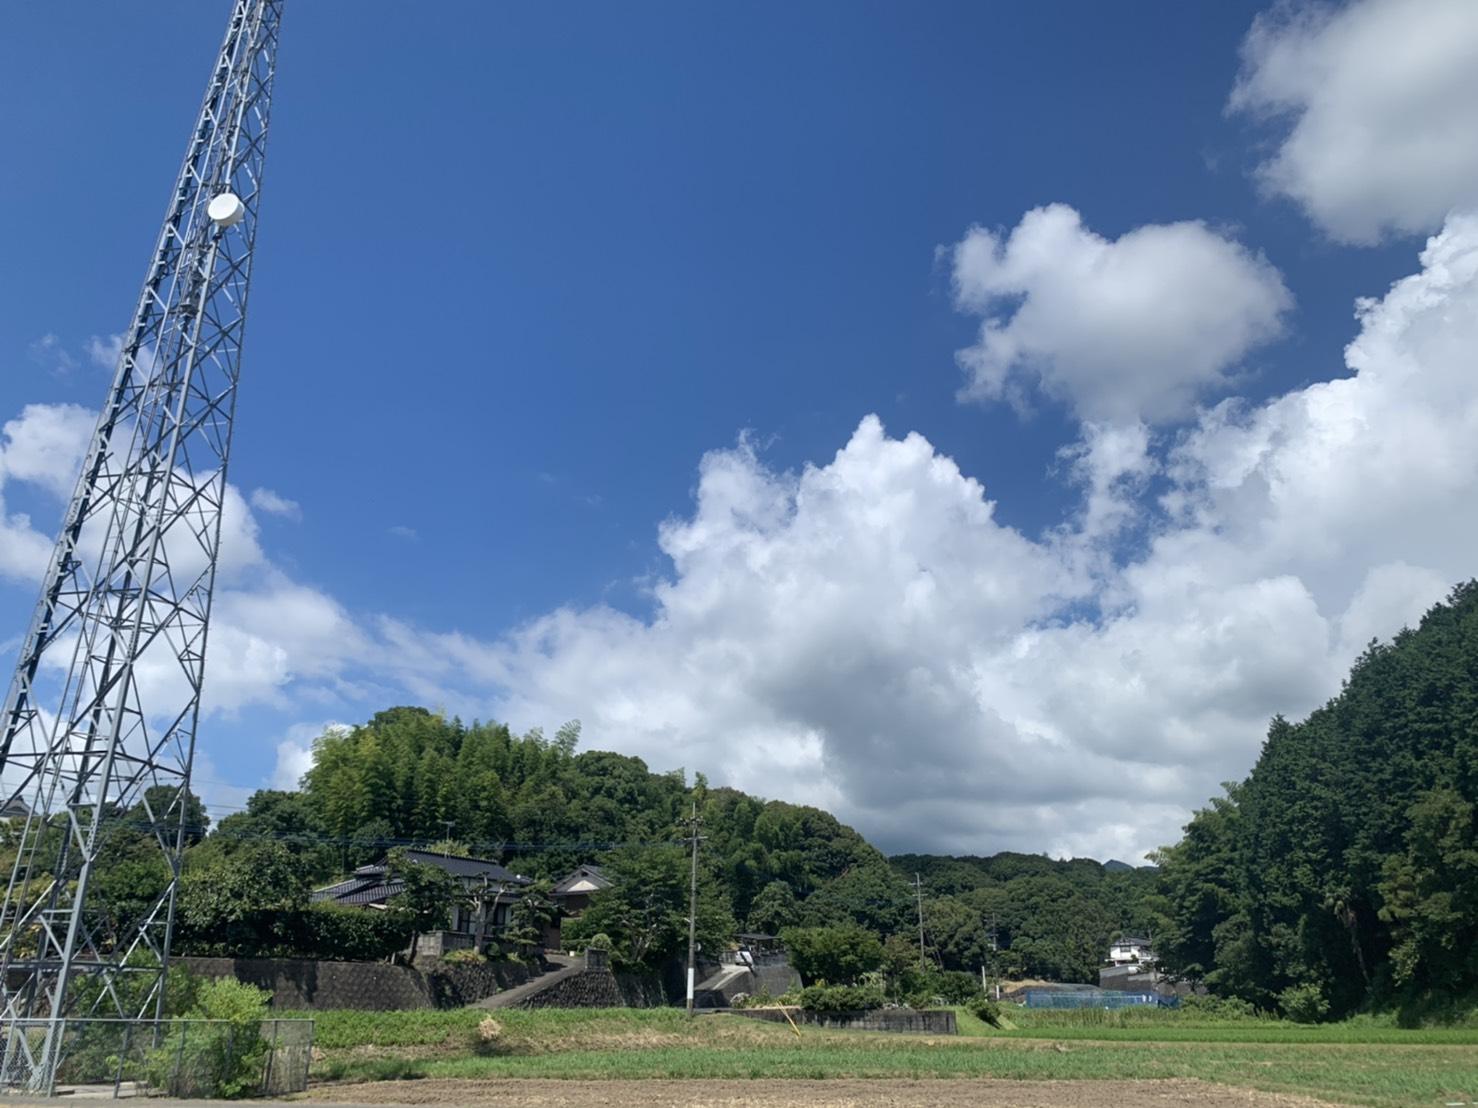 遠賀郡 にお墓参りに行ってきました☆★☆